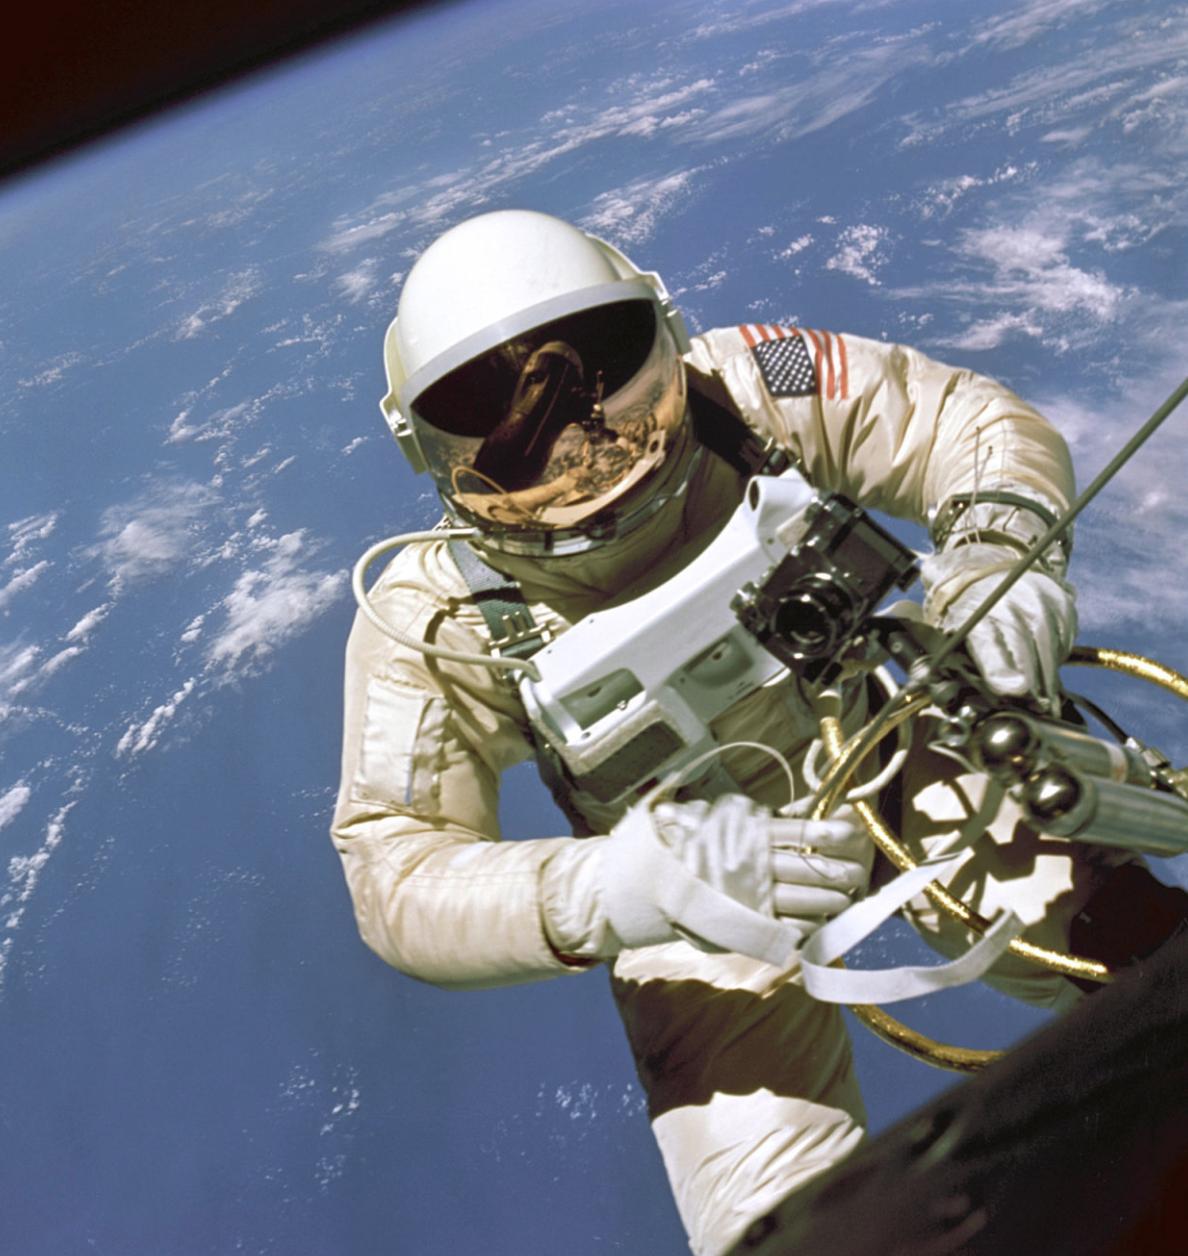 Imagining Spacewalks